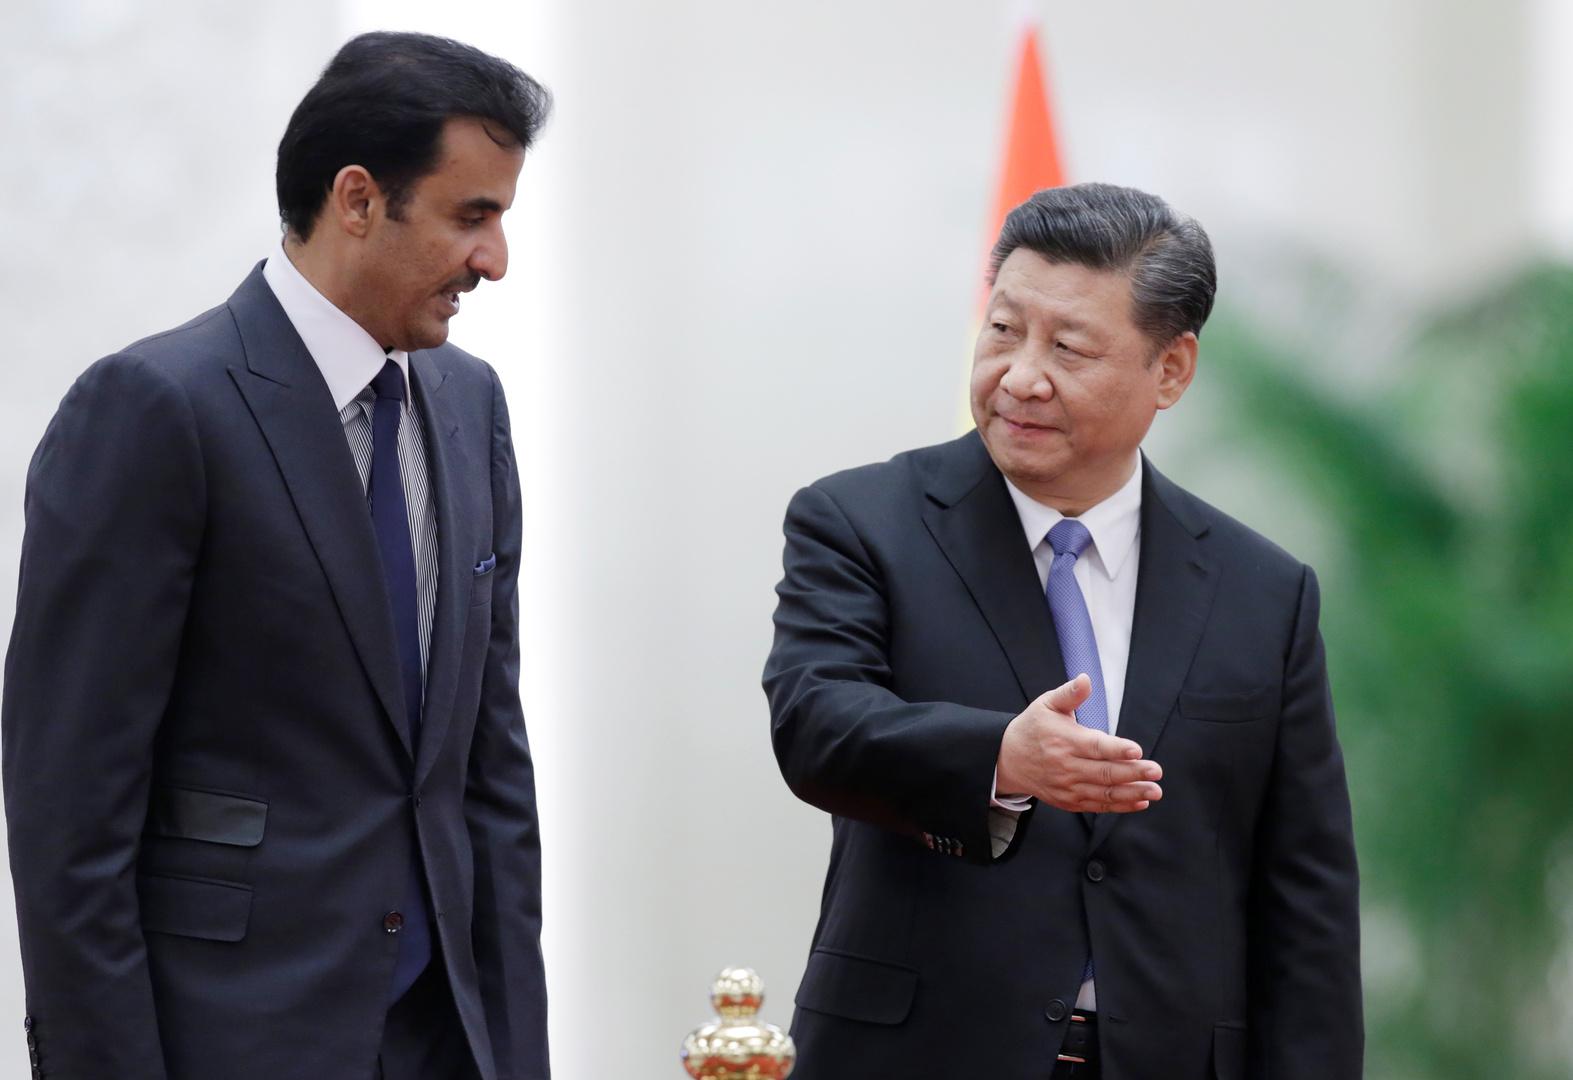 الرئيس الصيني يبعث برسالة إلى أمير قطر